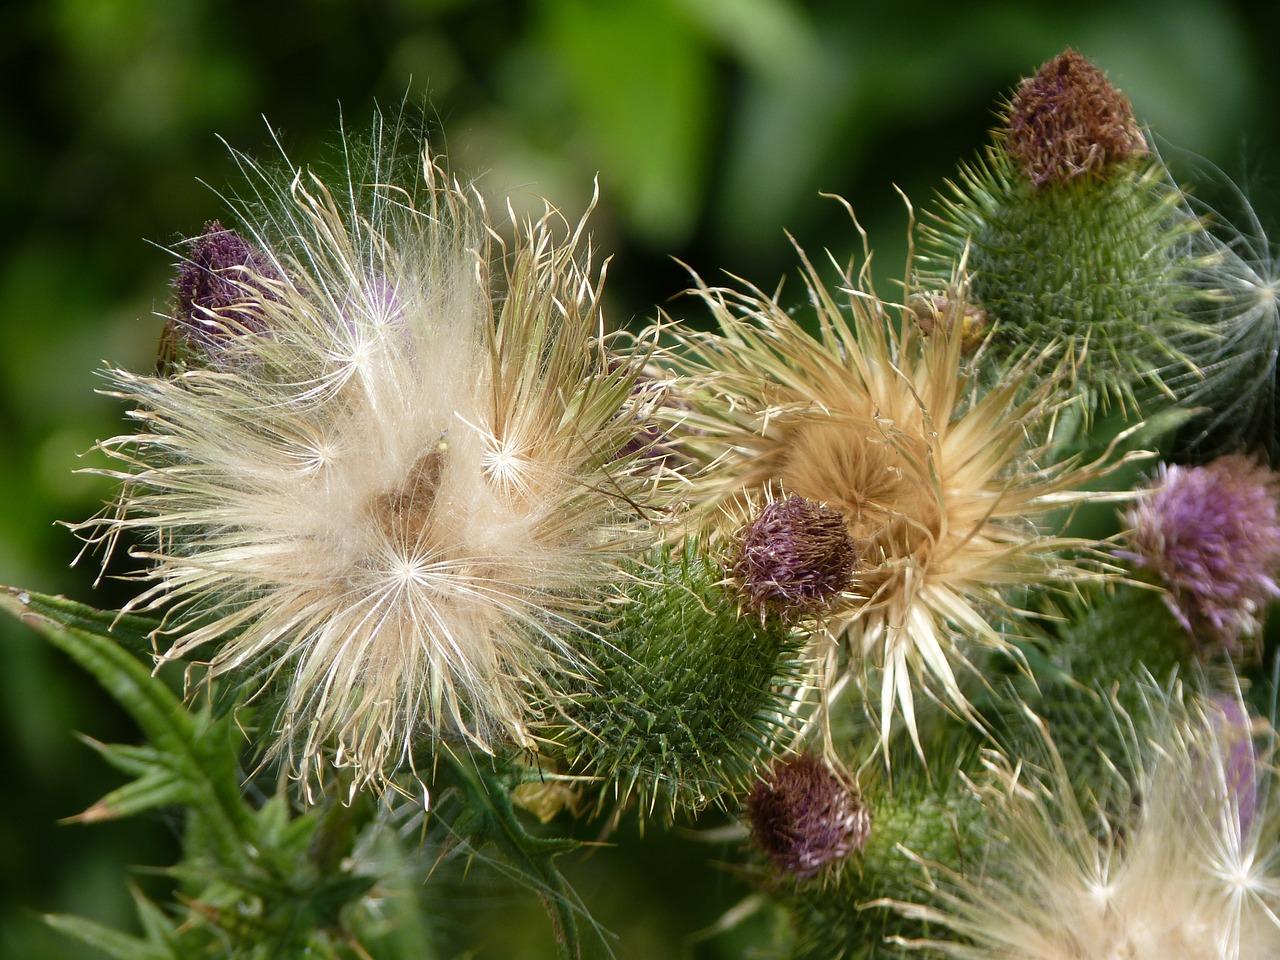 Hairy plants